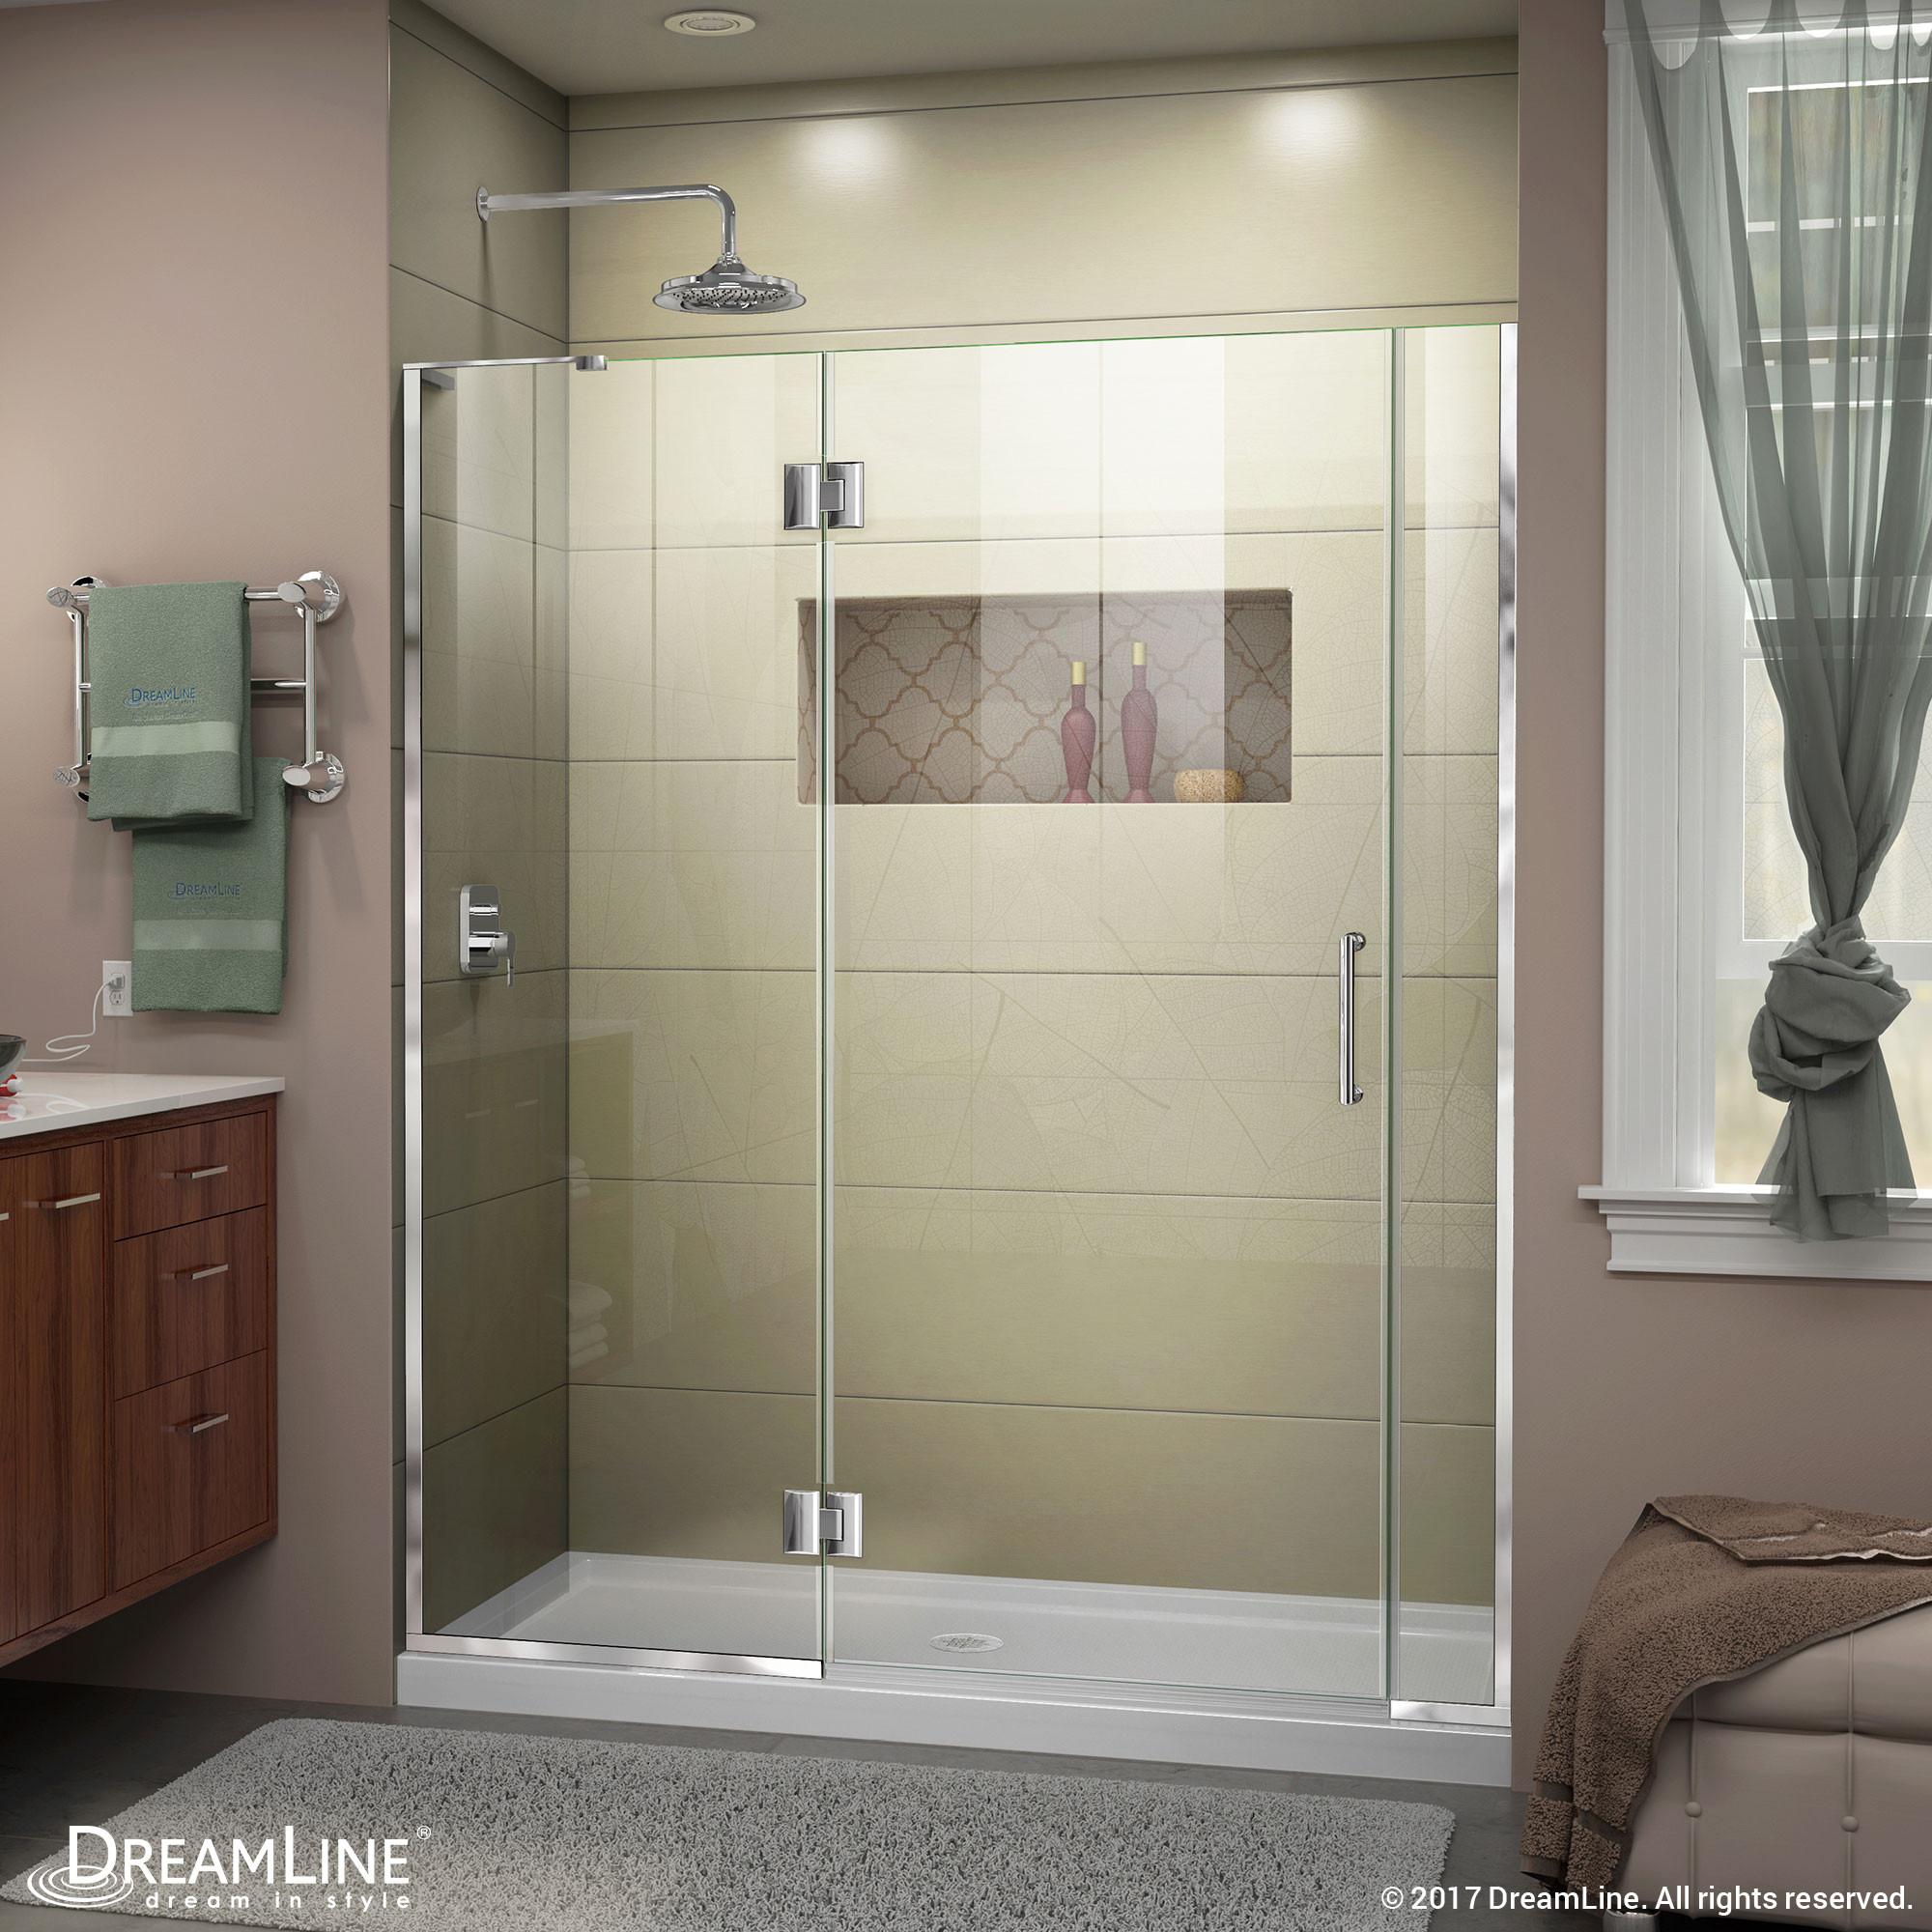 DreamLine D33006572L-01 Chrome Unidoor-X Hinged Shower Door With Left-wall Bracket